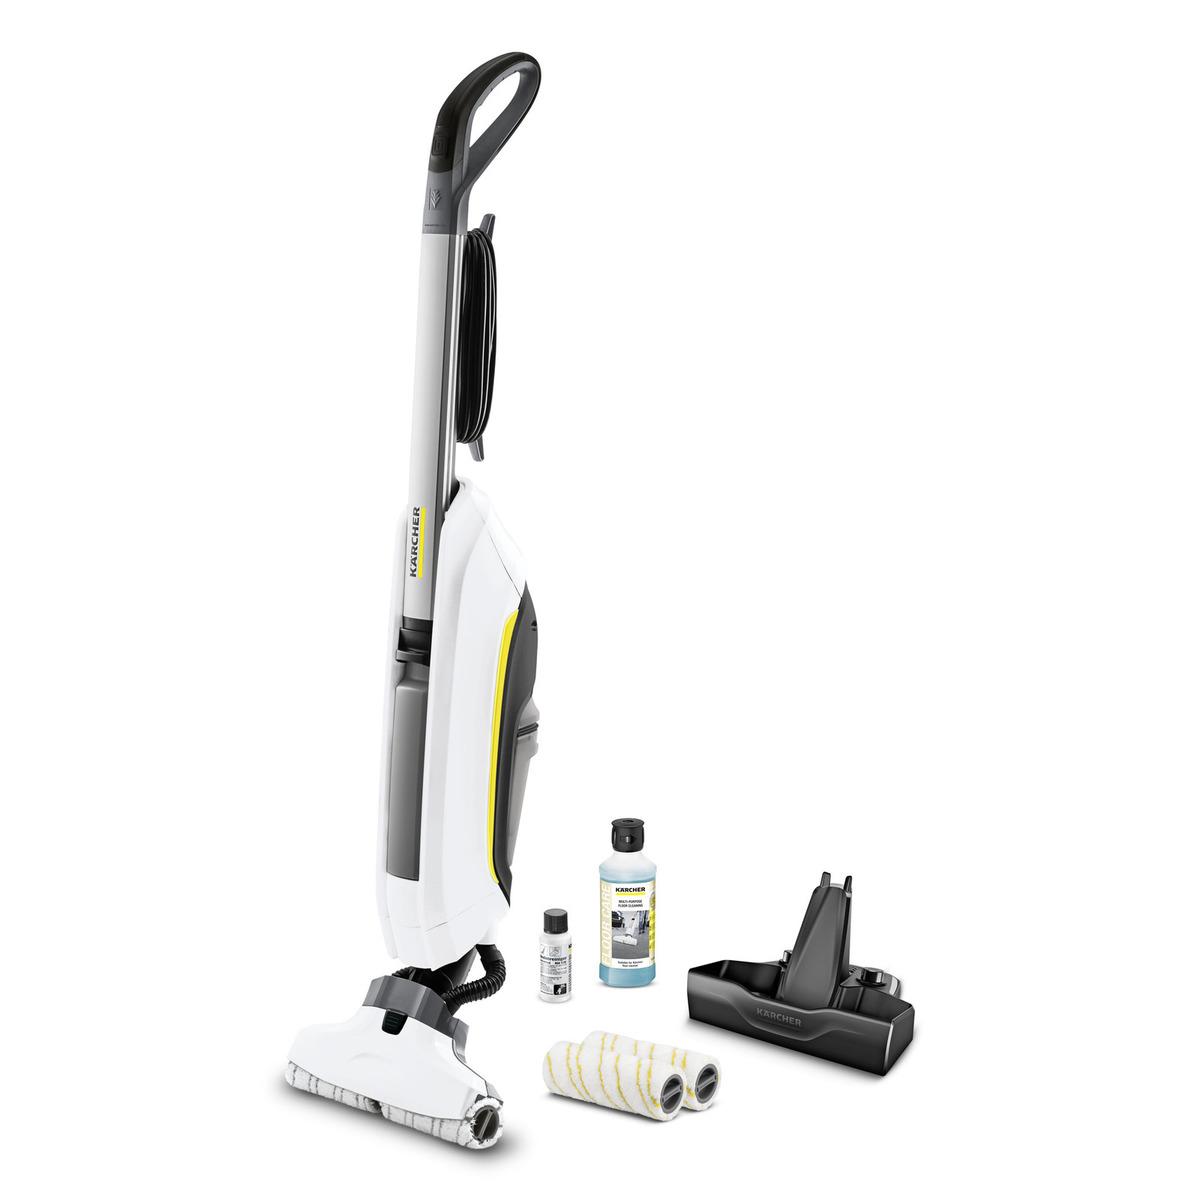 Podlahová myčka - Kärcher FC 5 Premium WHITE 2020